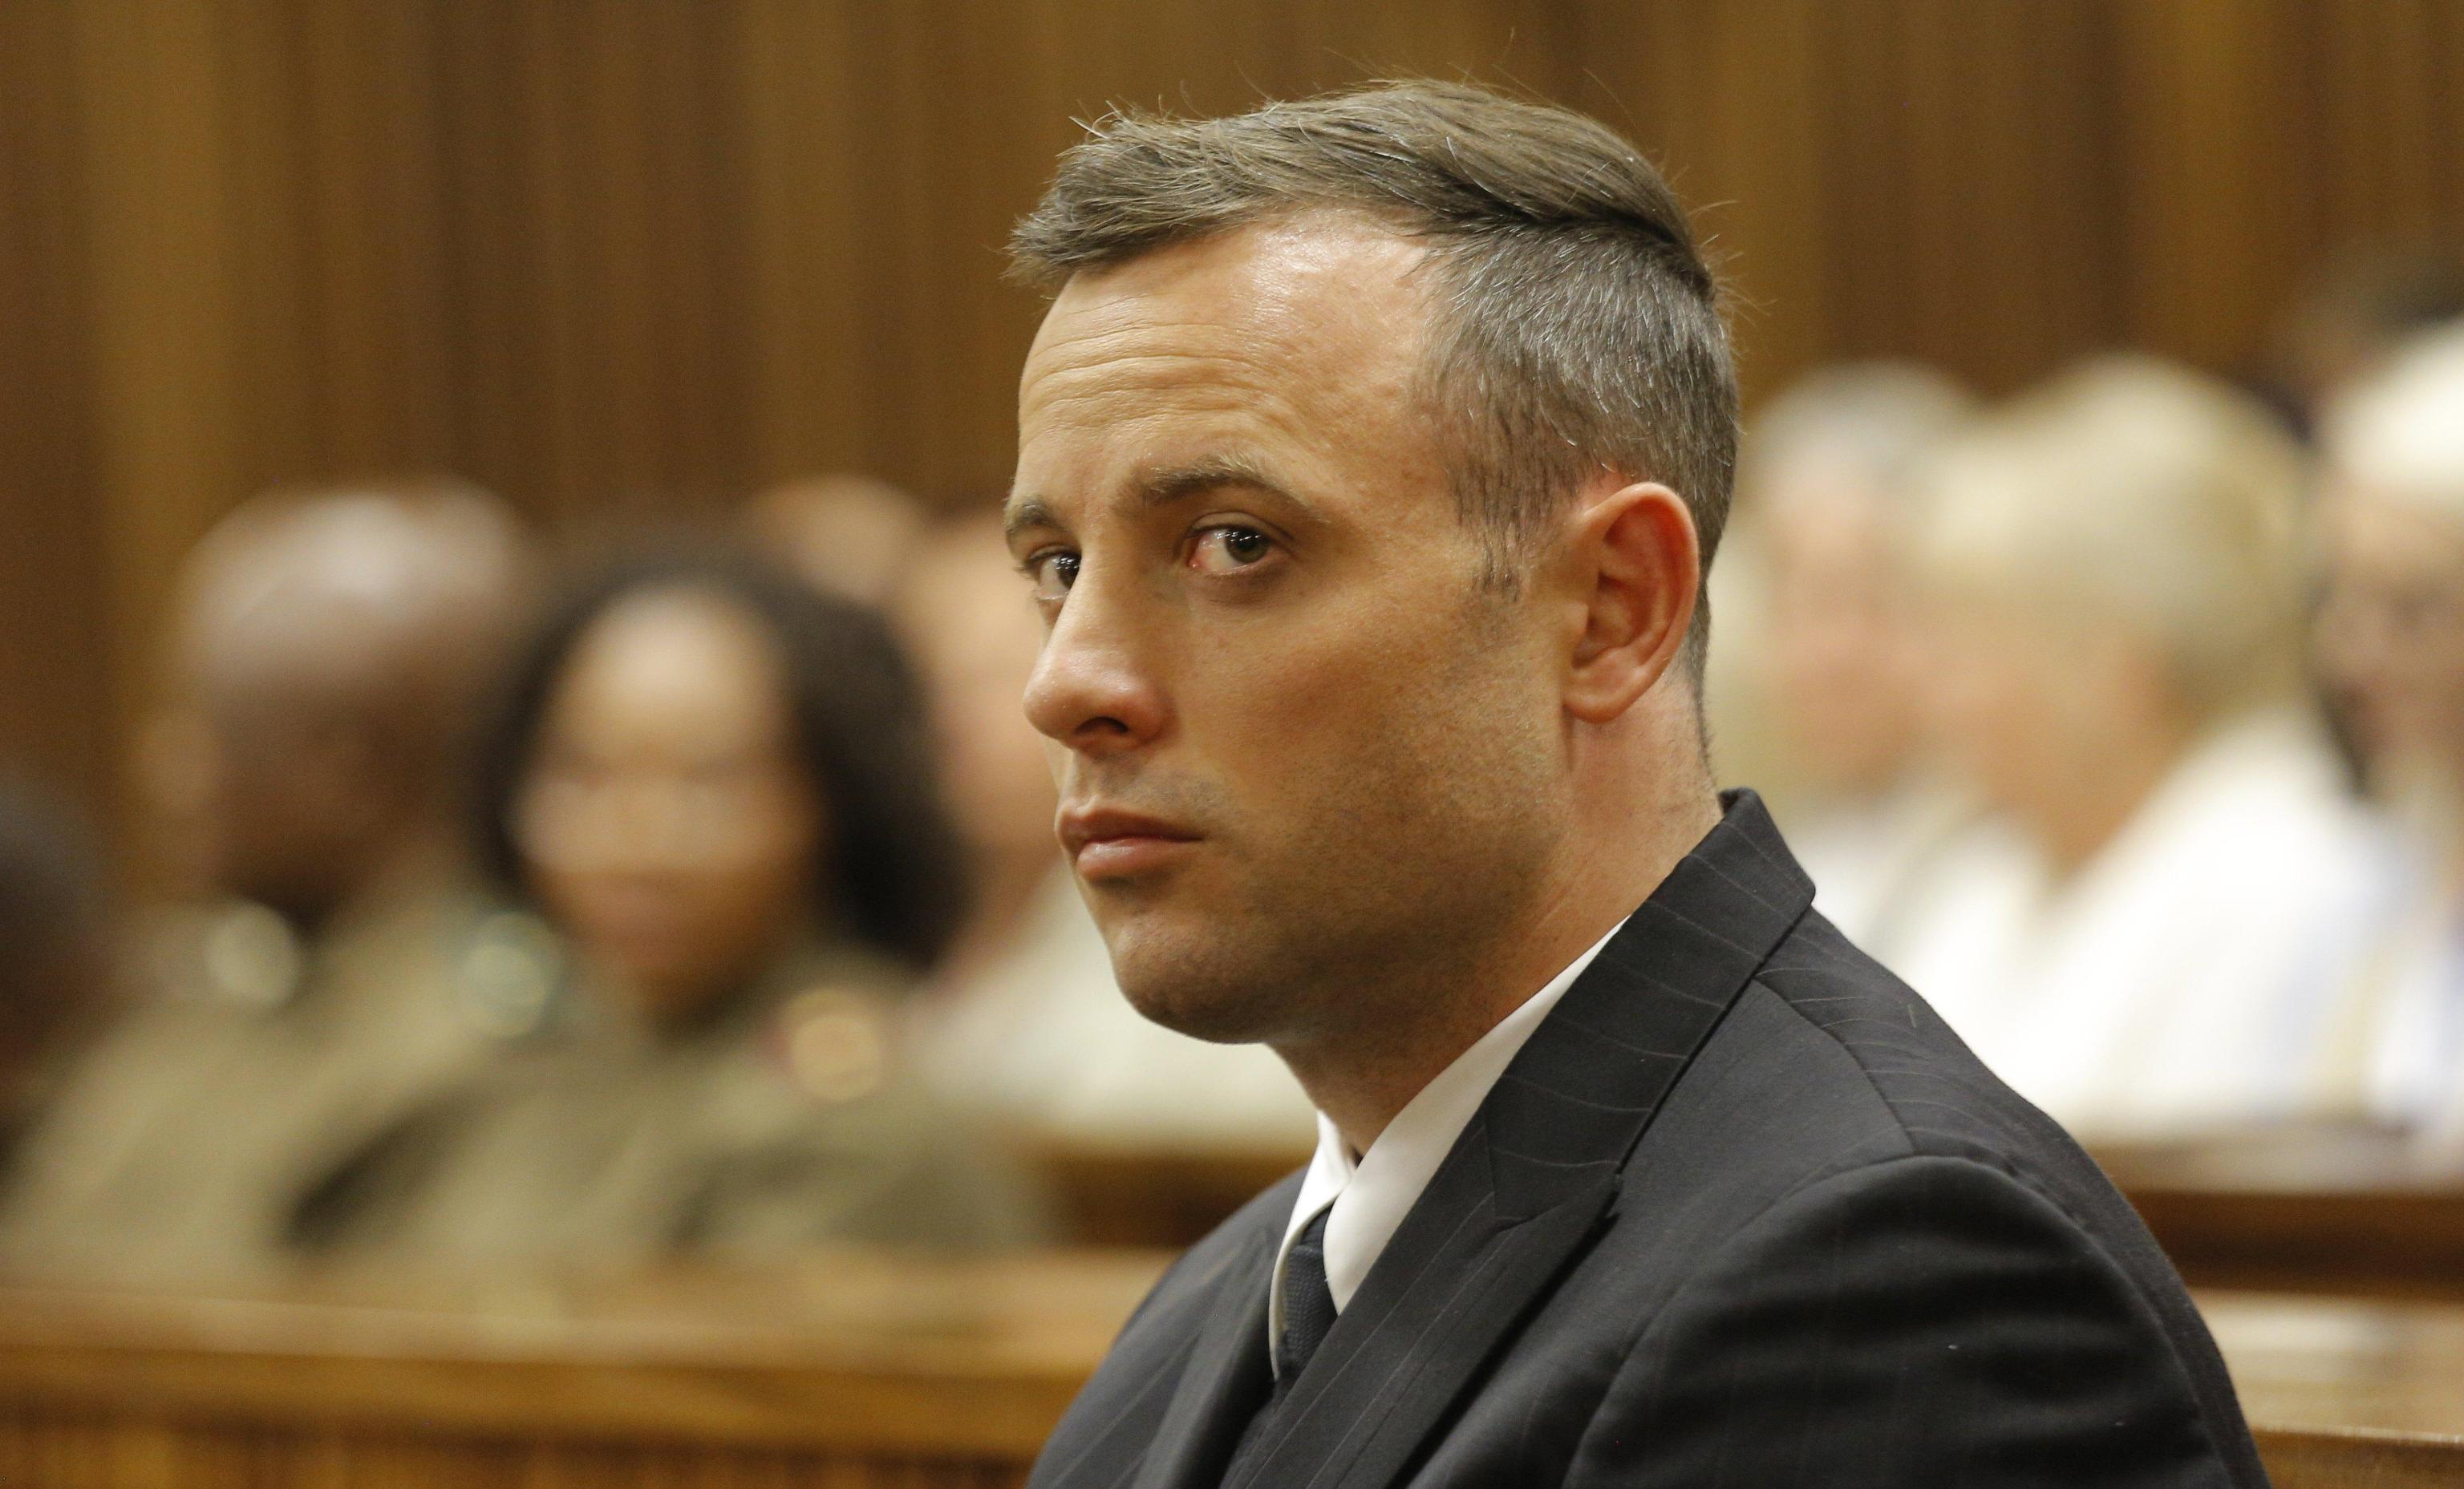 Oscar Pistorius, pena raddoppiata in appello: condanna a 13 anni e 5 mesi di carcere